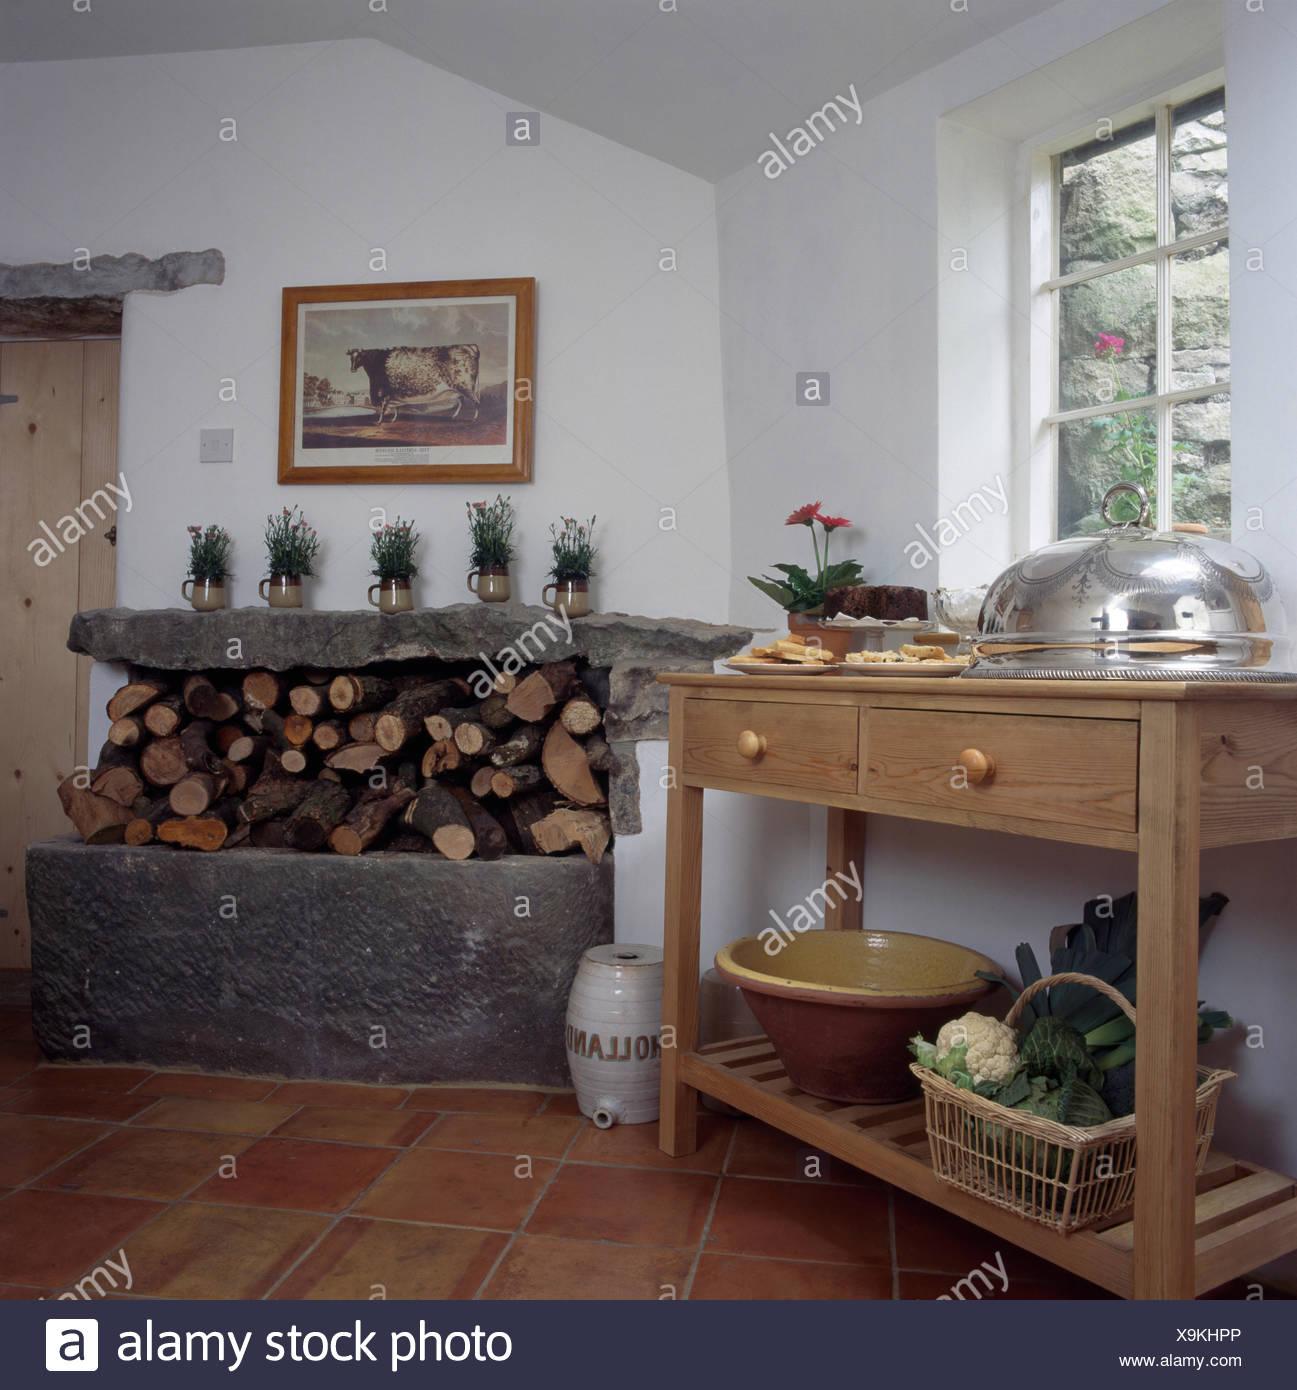 Kitchens Traditional Storage White Imágenes De Stock & Kitchens ...